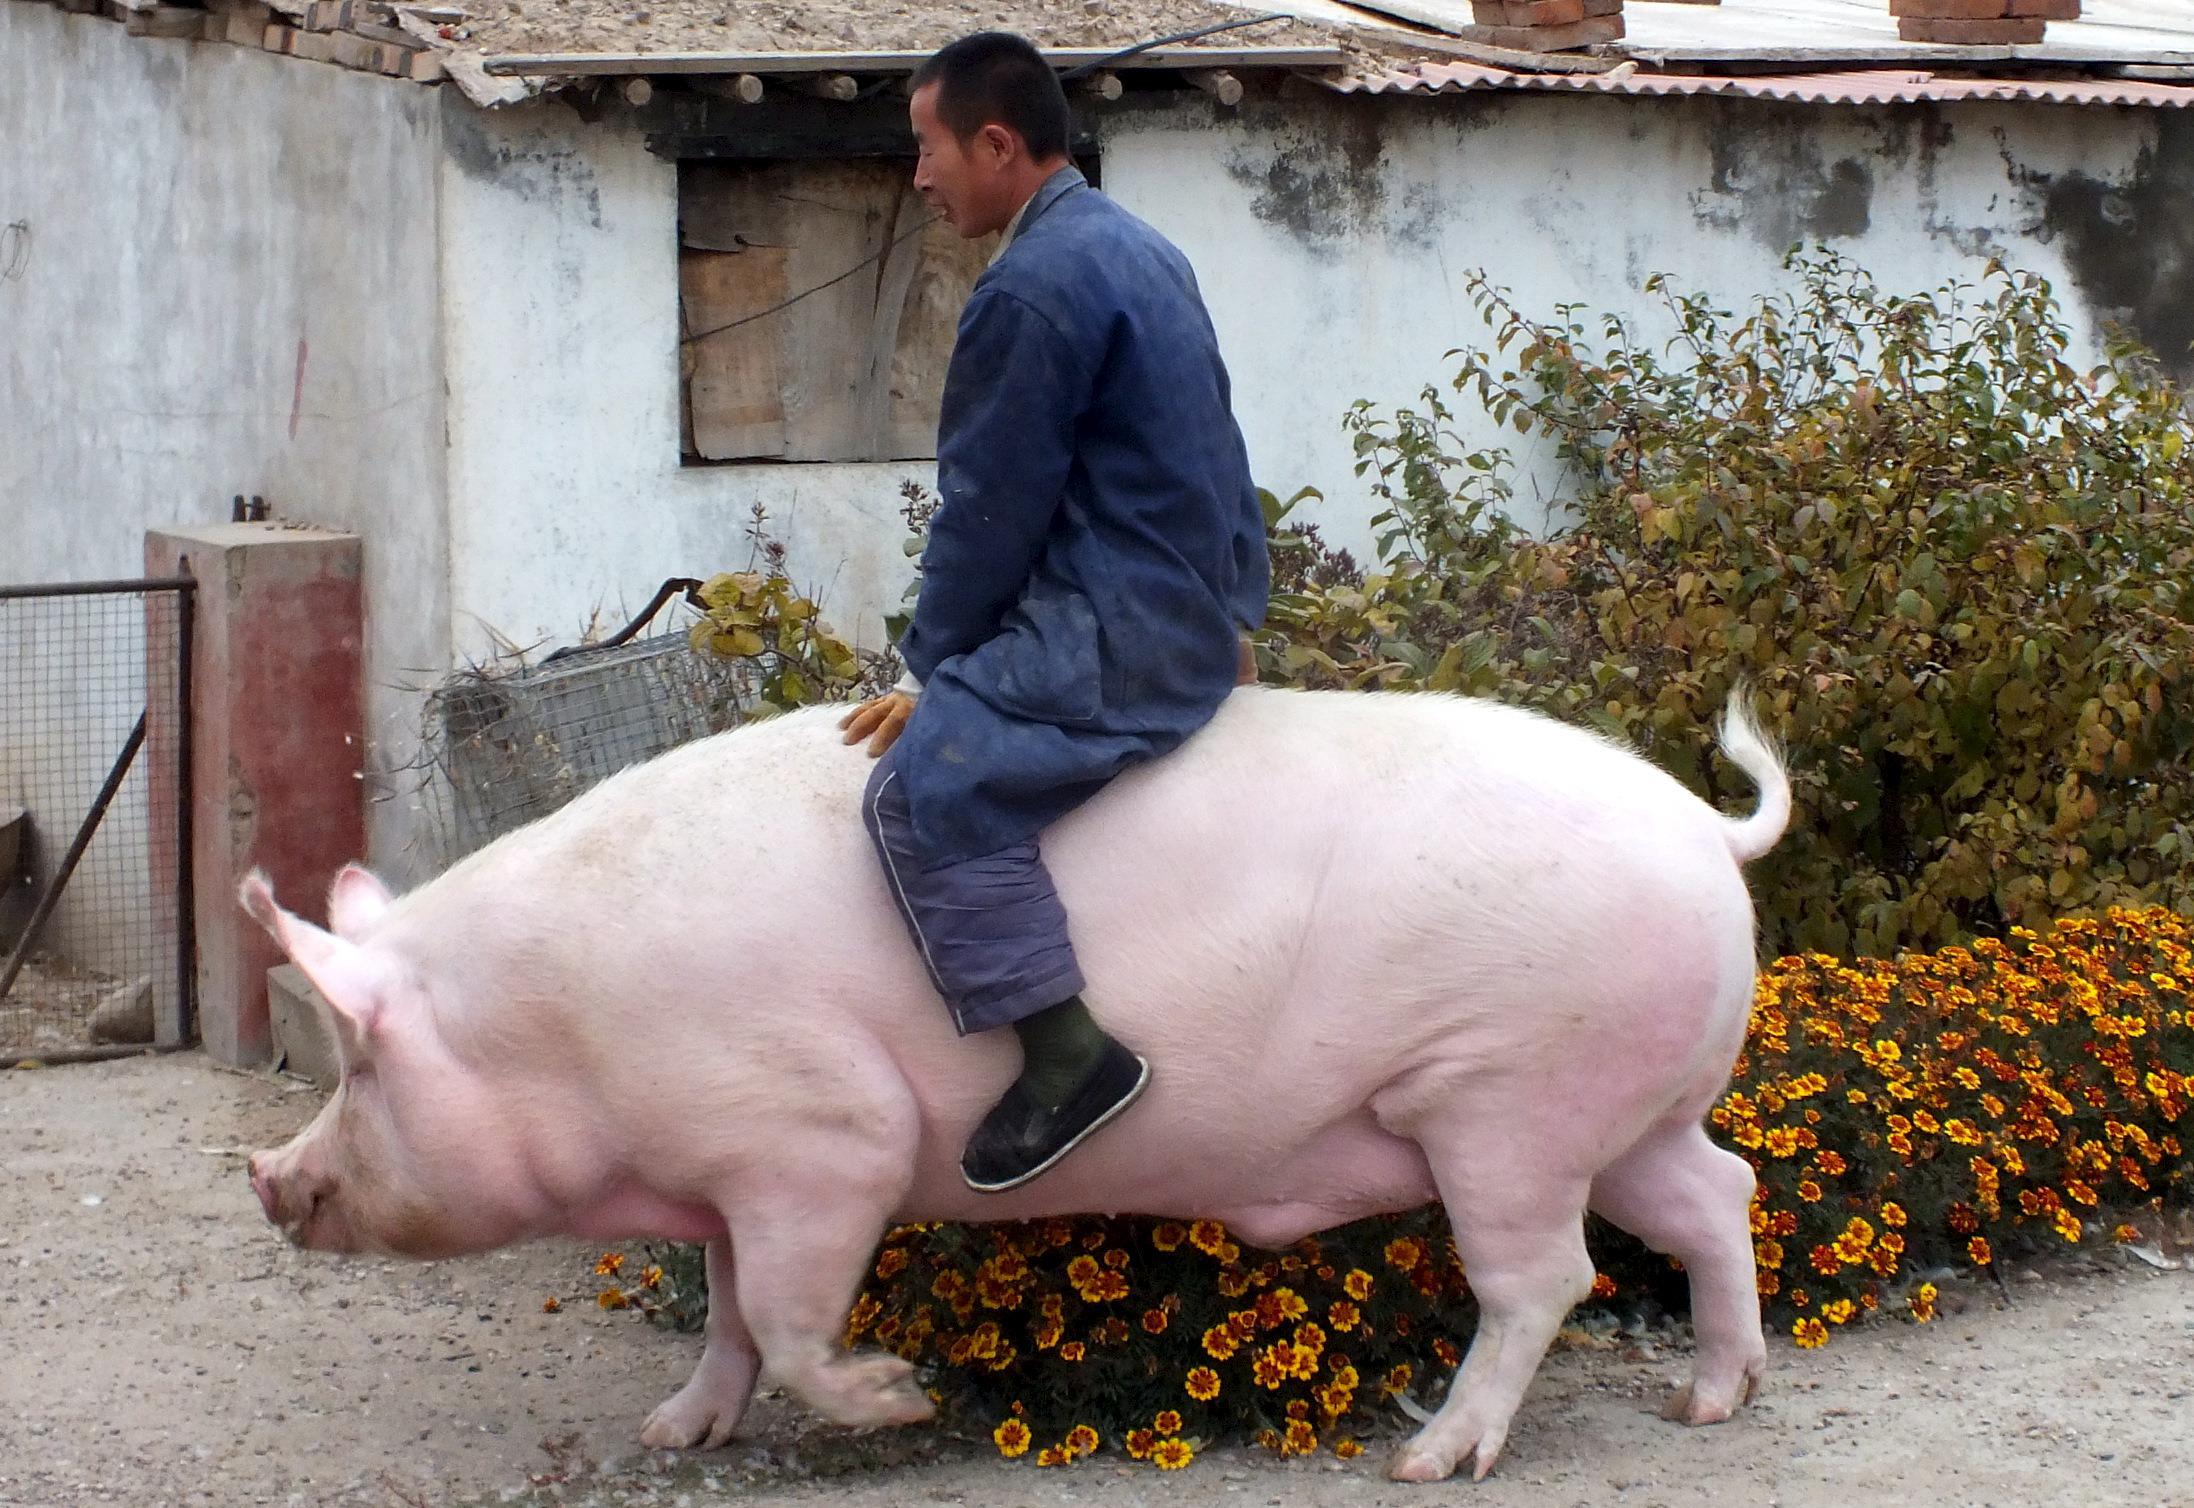 Farmer jaše svoju svinju tešku 600 kilograma u kineskoj provinciji Hebei